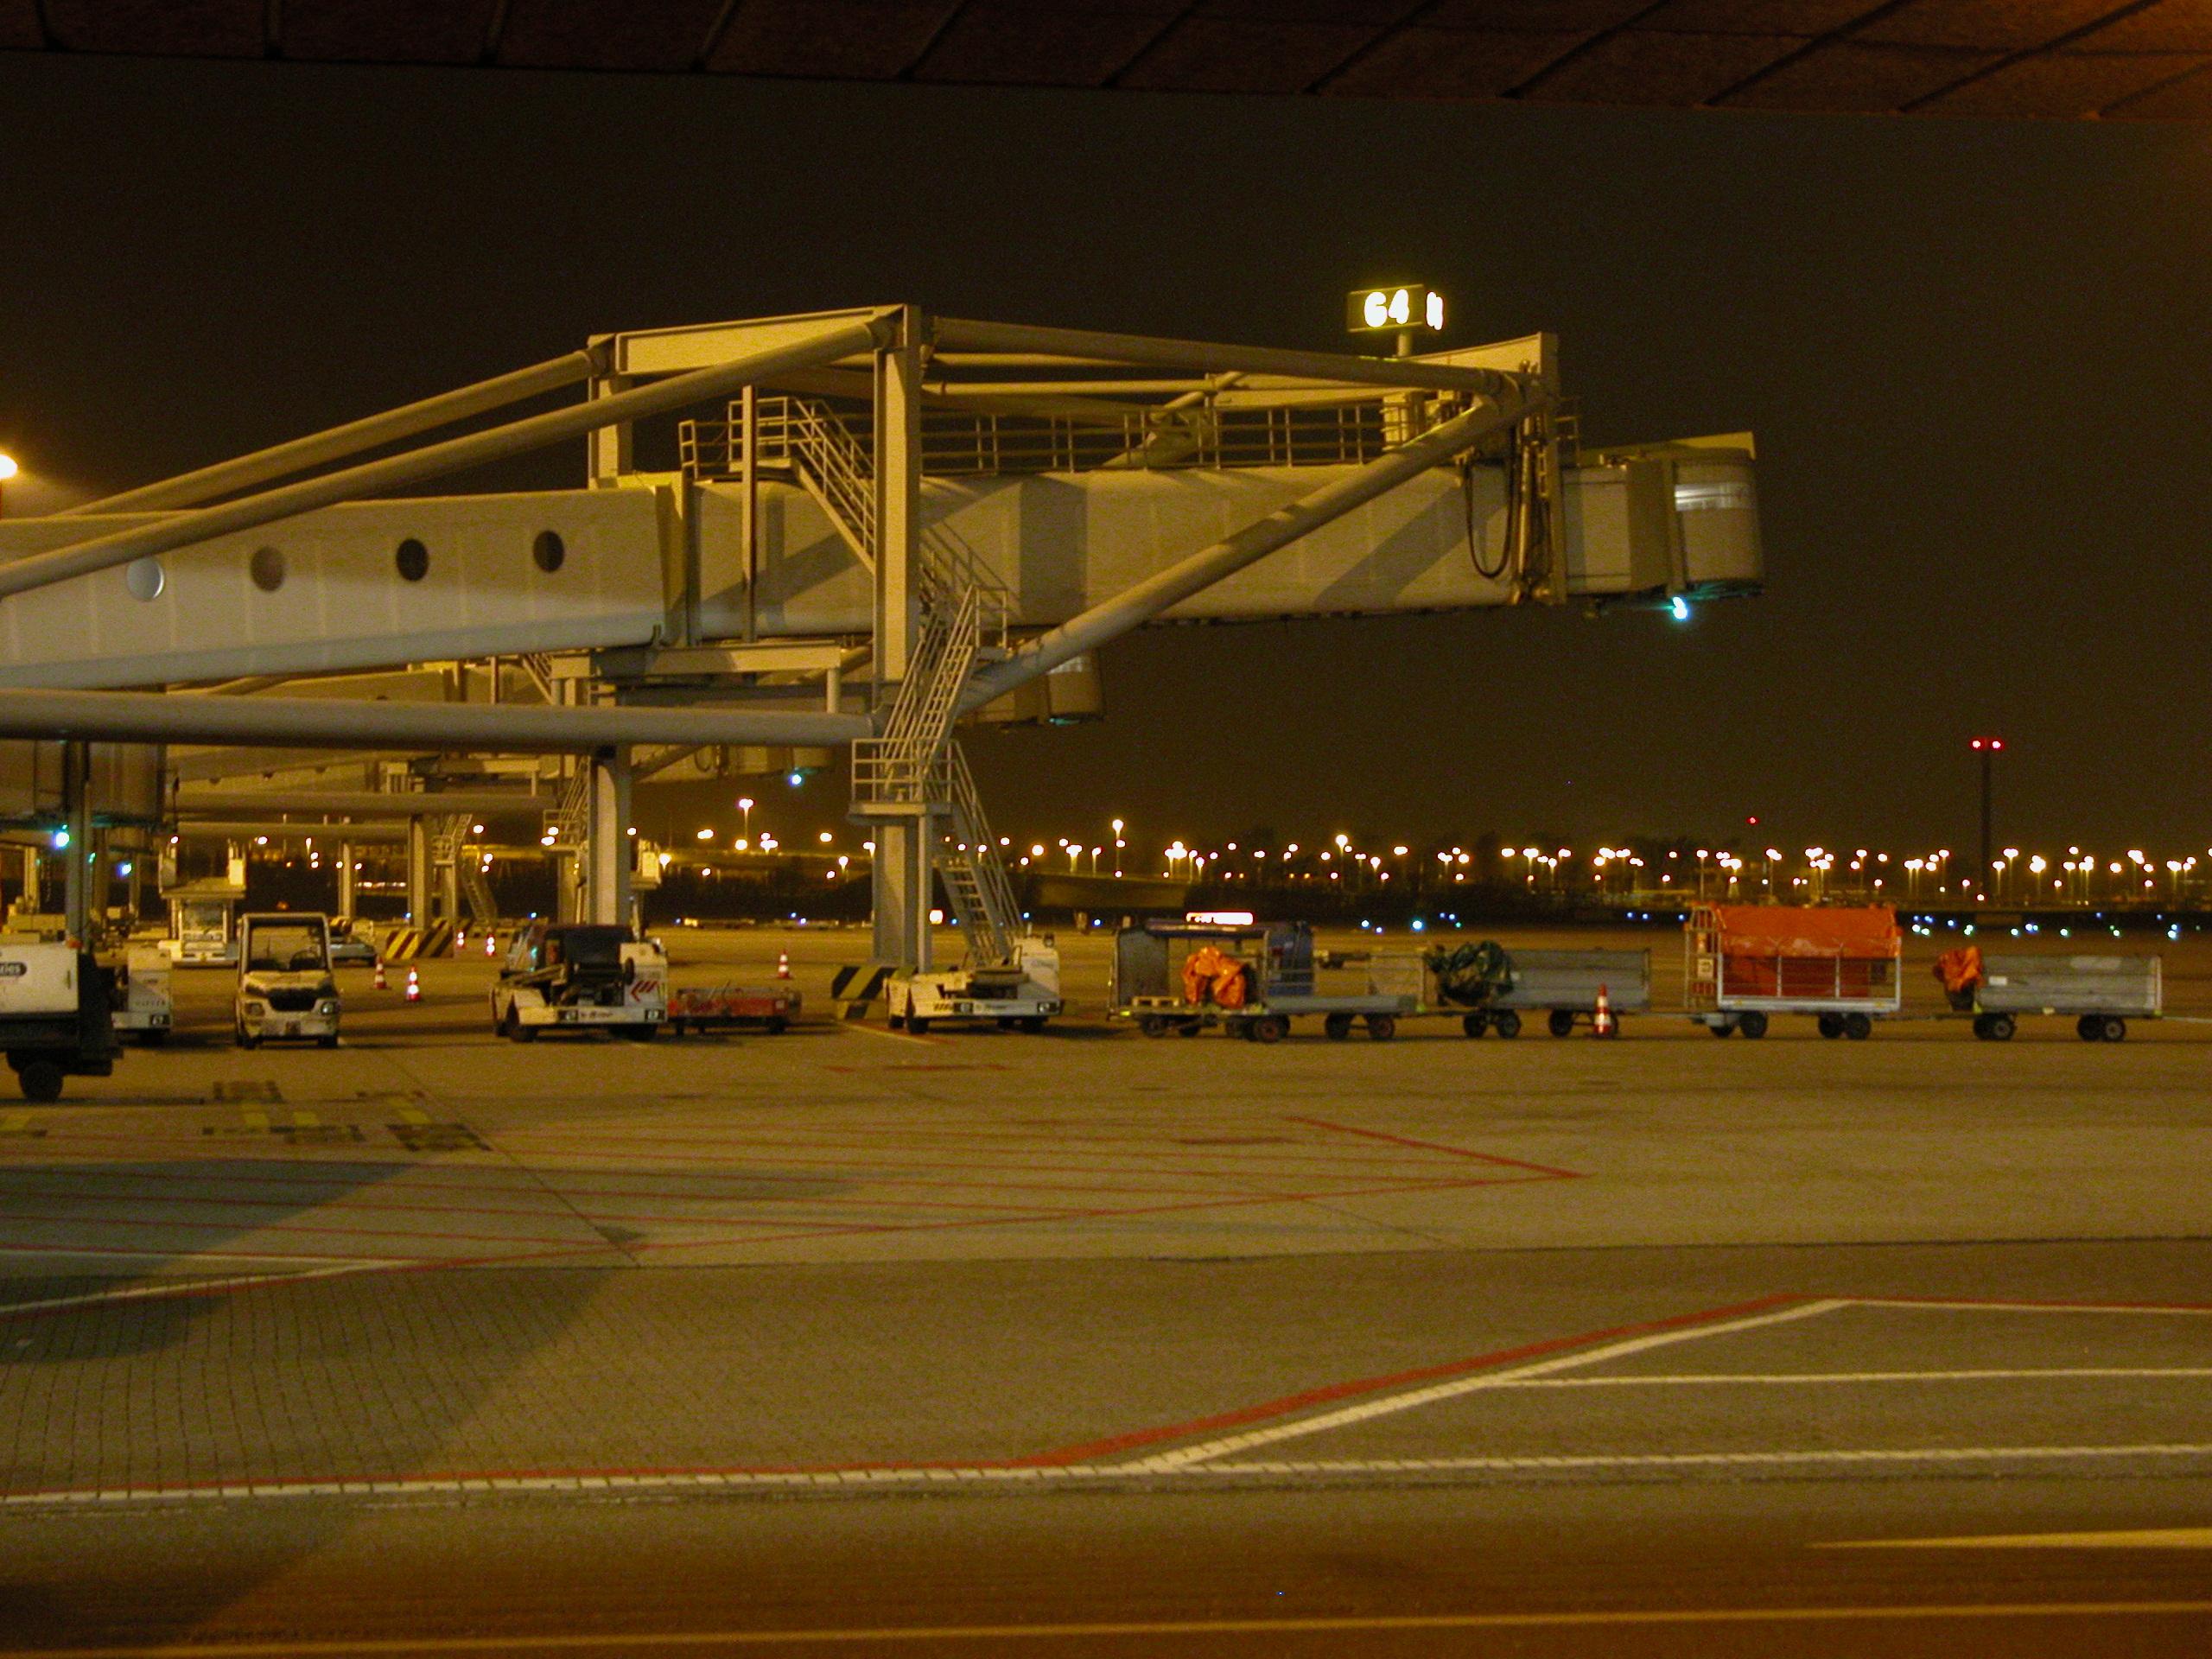 bus de nuit airport lyon